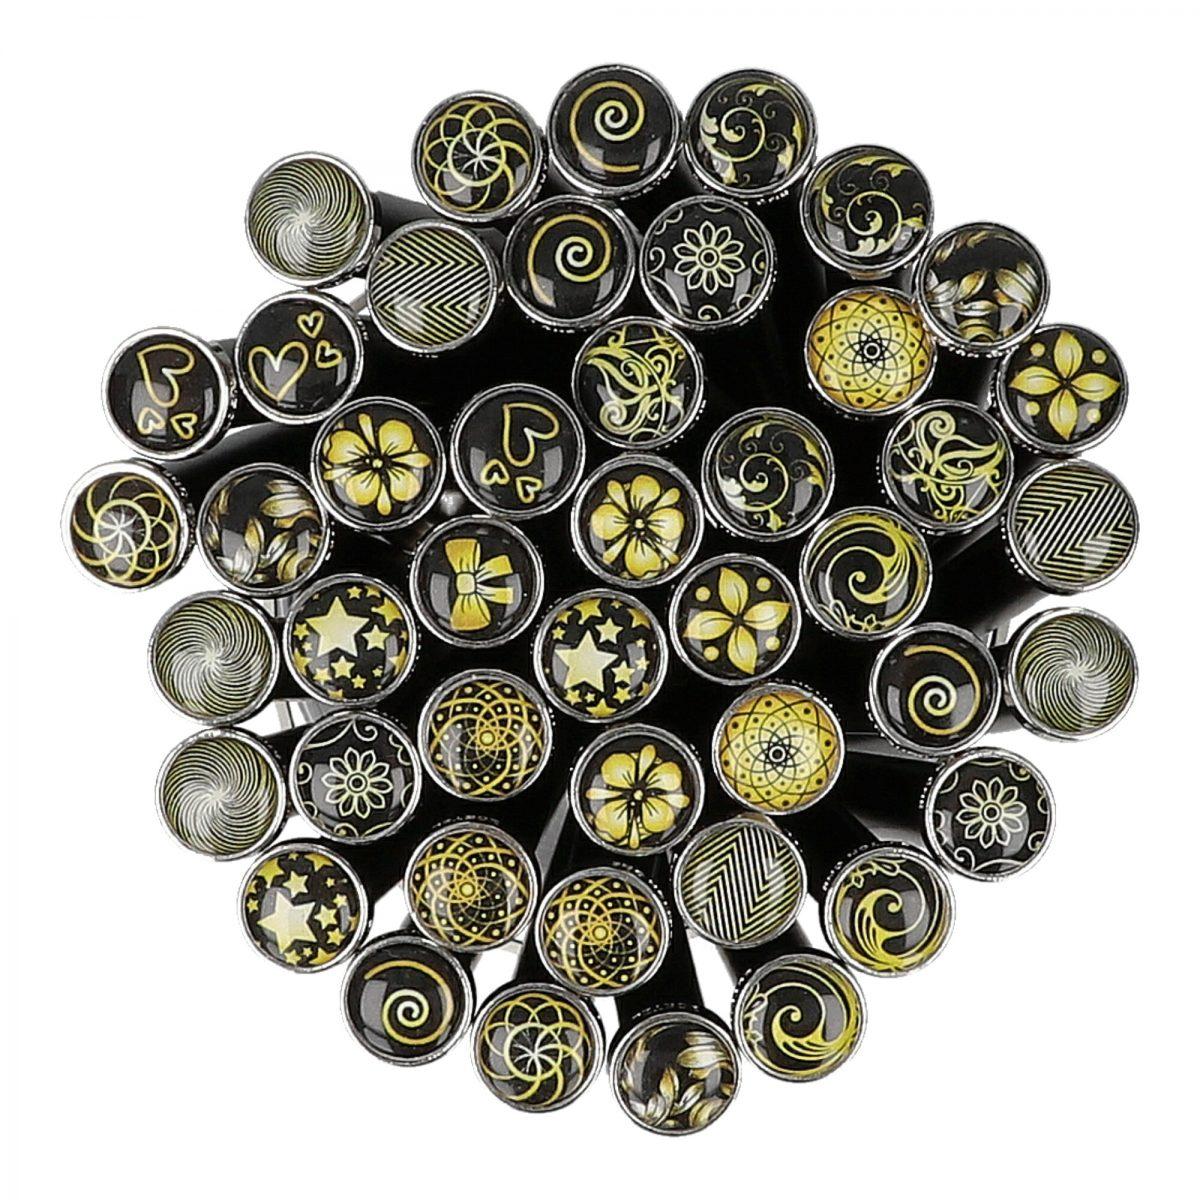 Art. 390126-Ornamente Black/Gold